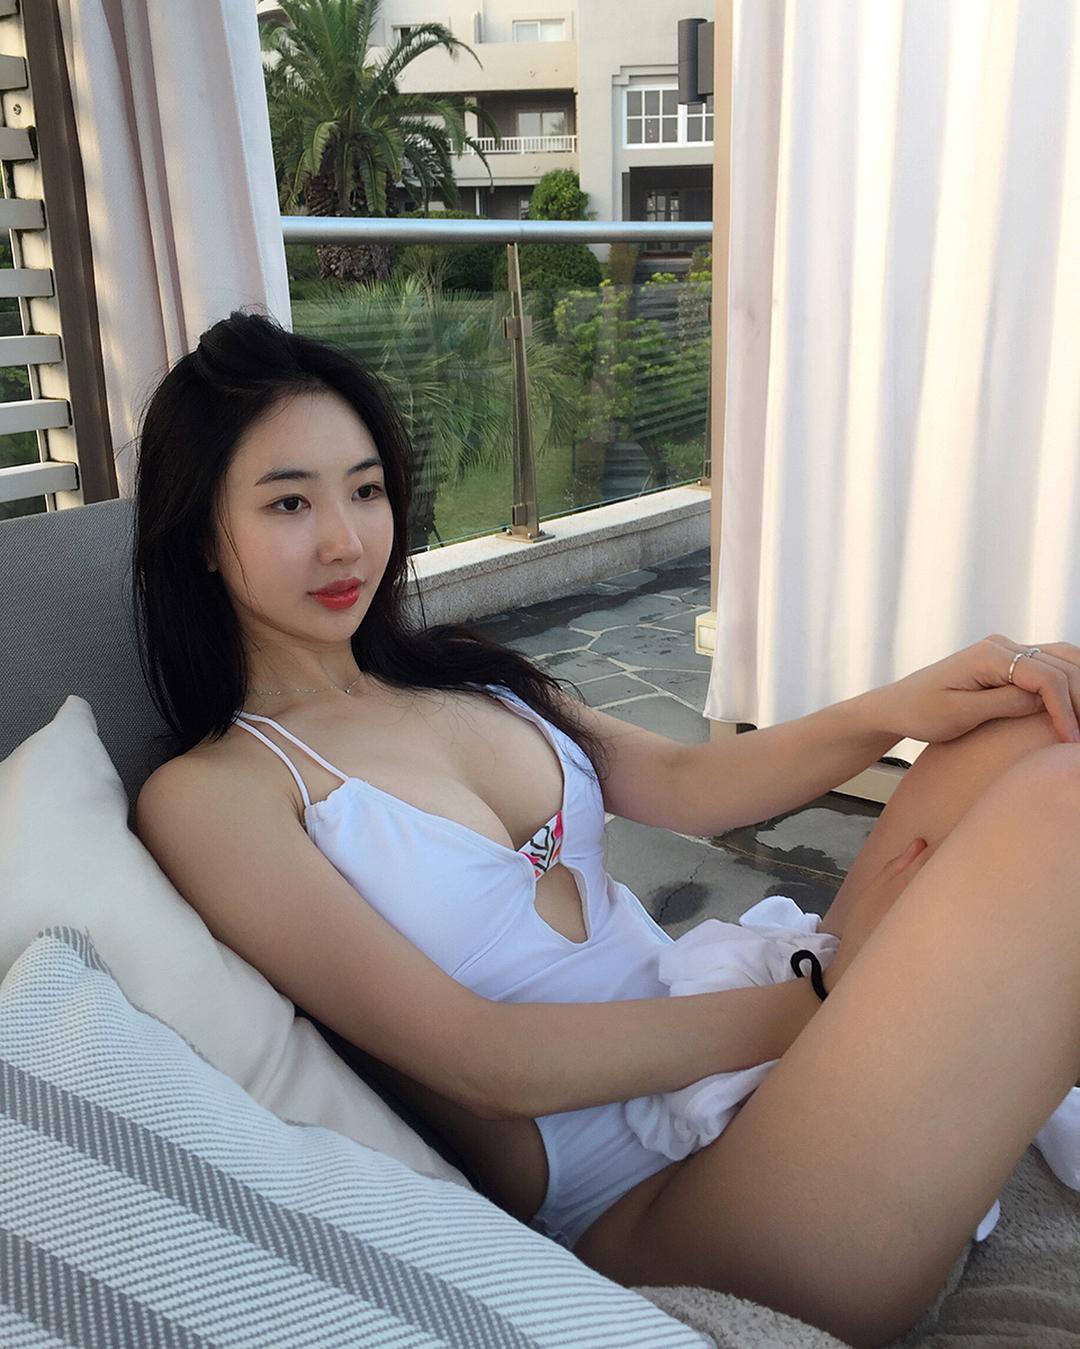 seolhwa9